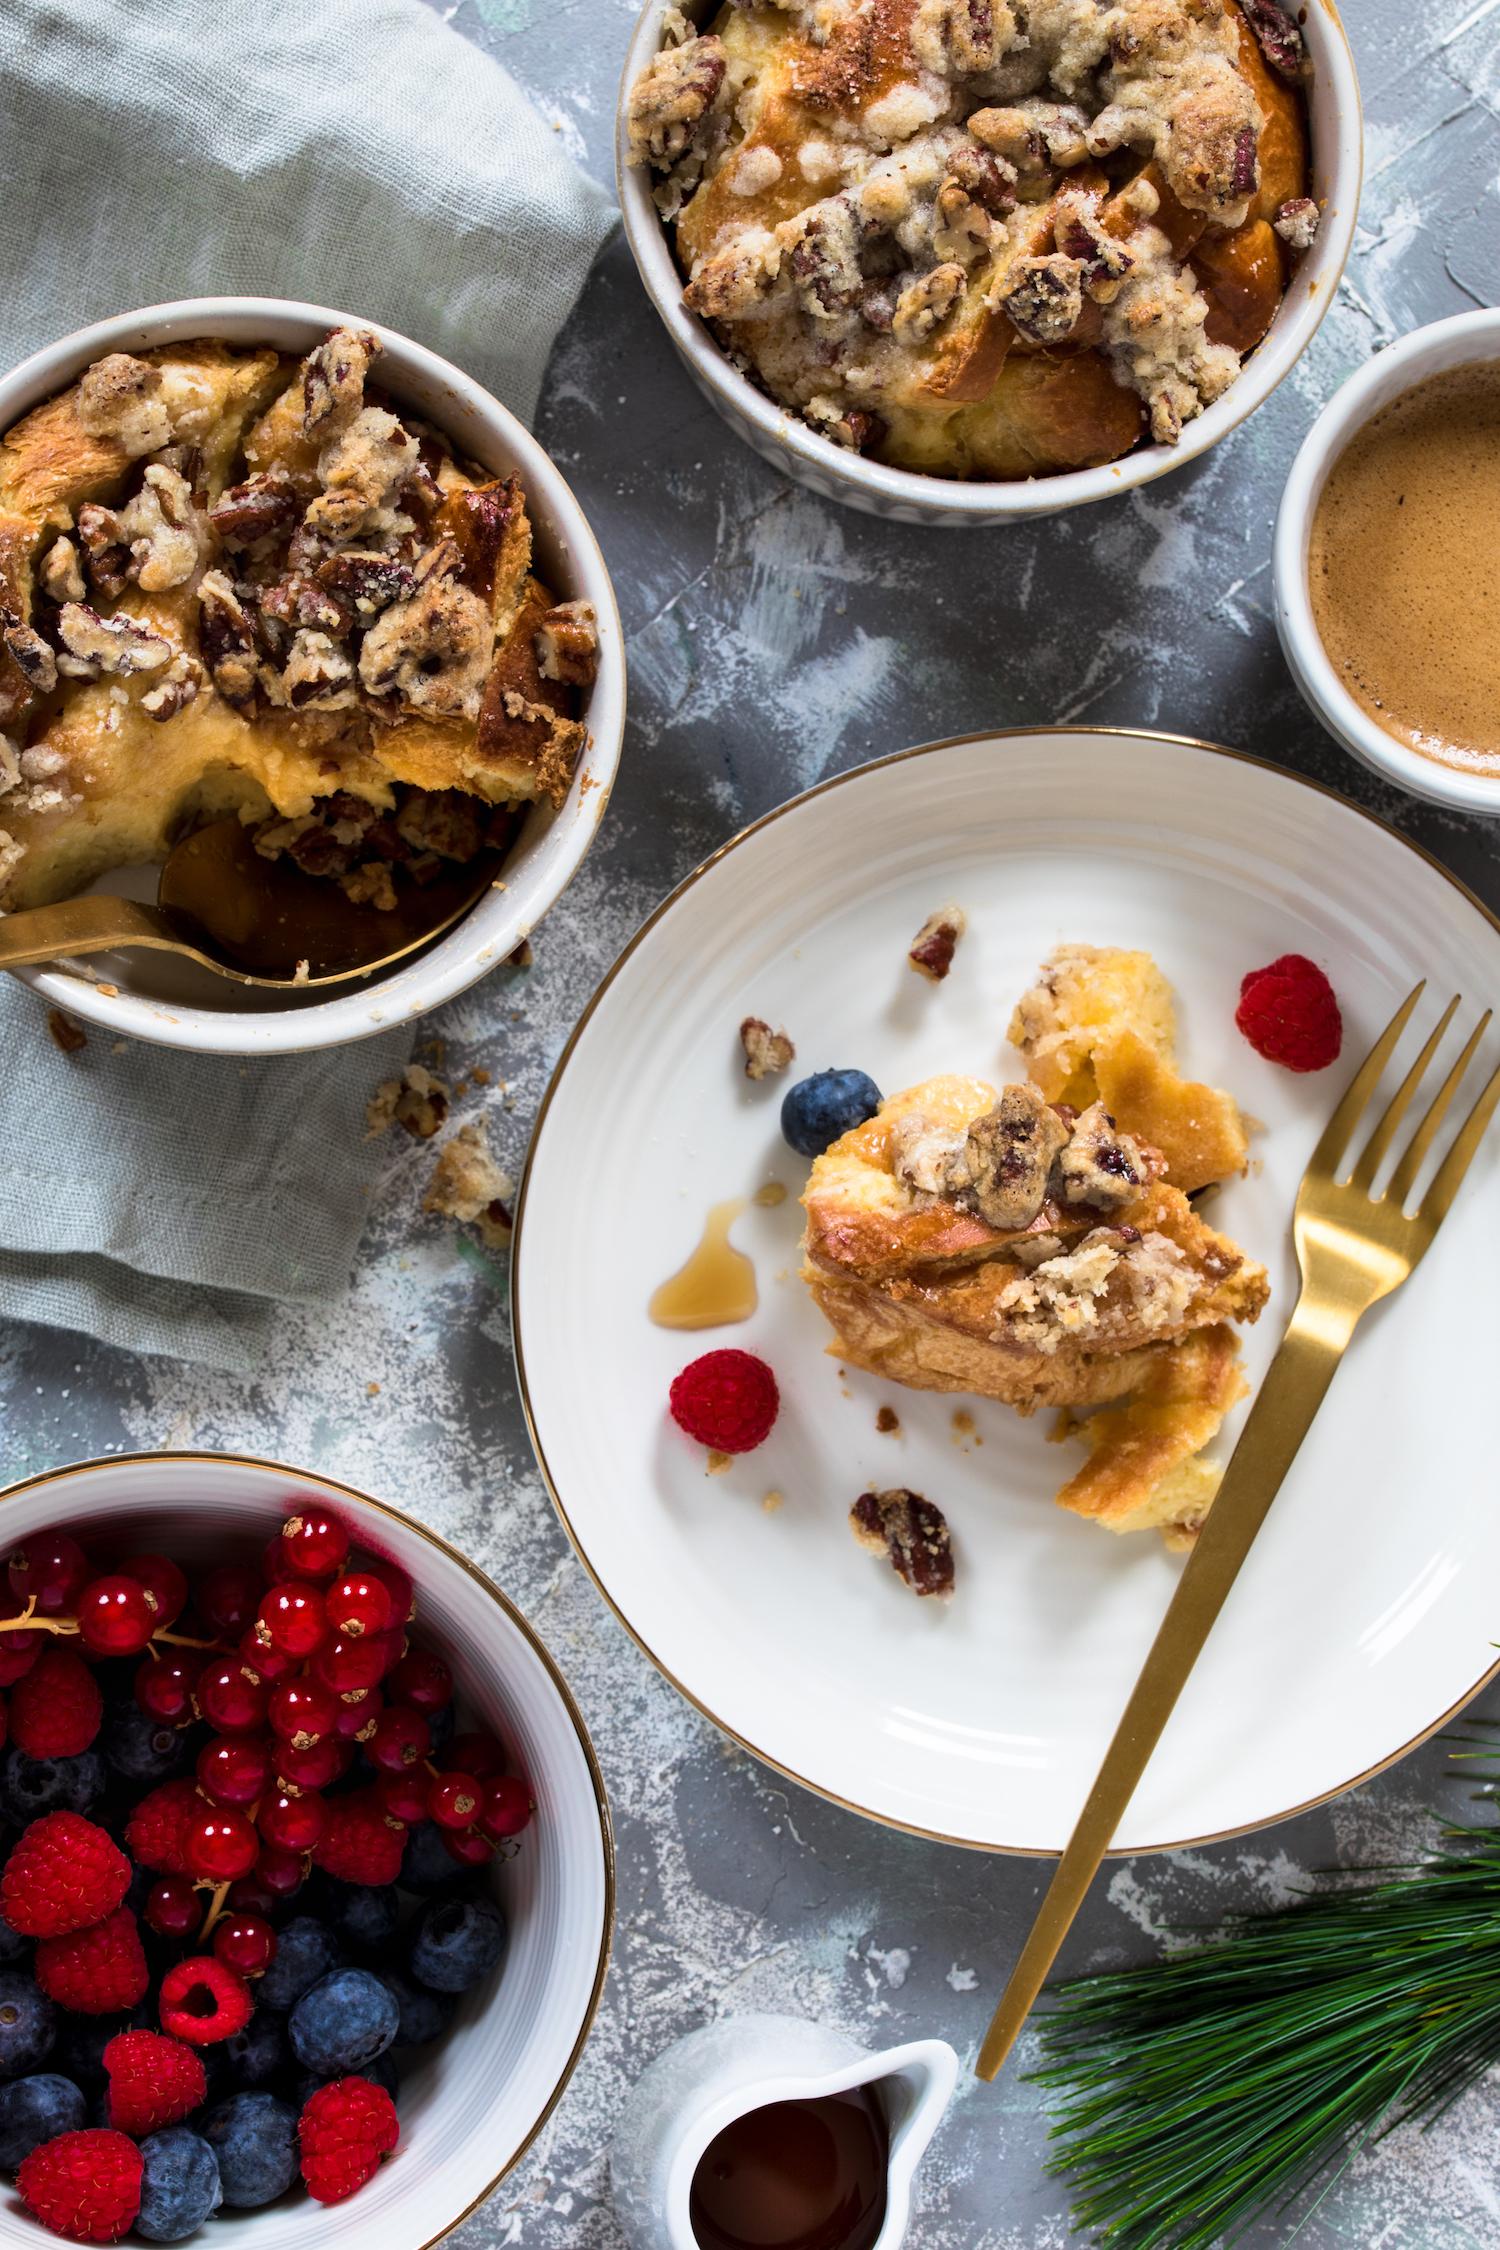 French Toast Brotauflauf zum Frühstück mit Beeren, Ahornsirup und Kaffee.